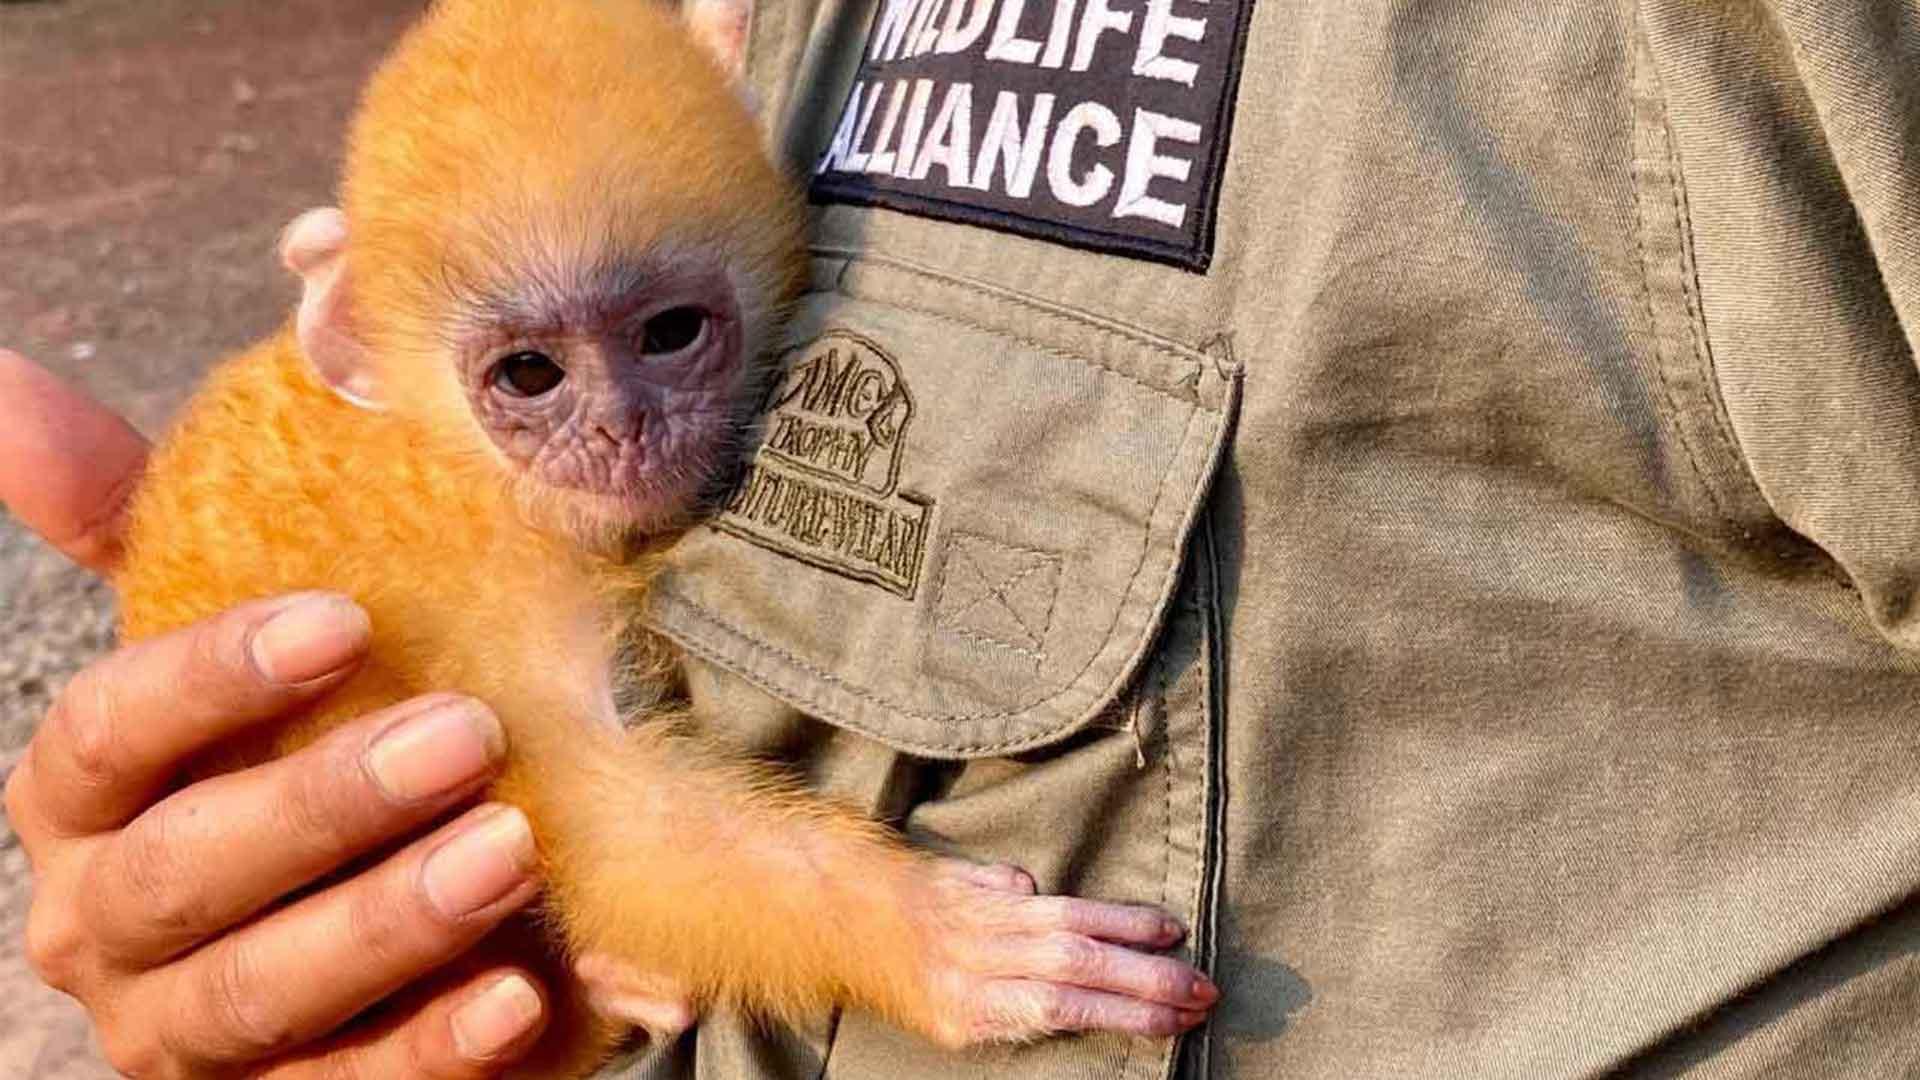 Park Rangers rescue Wildlife